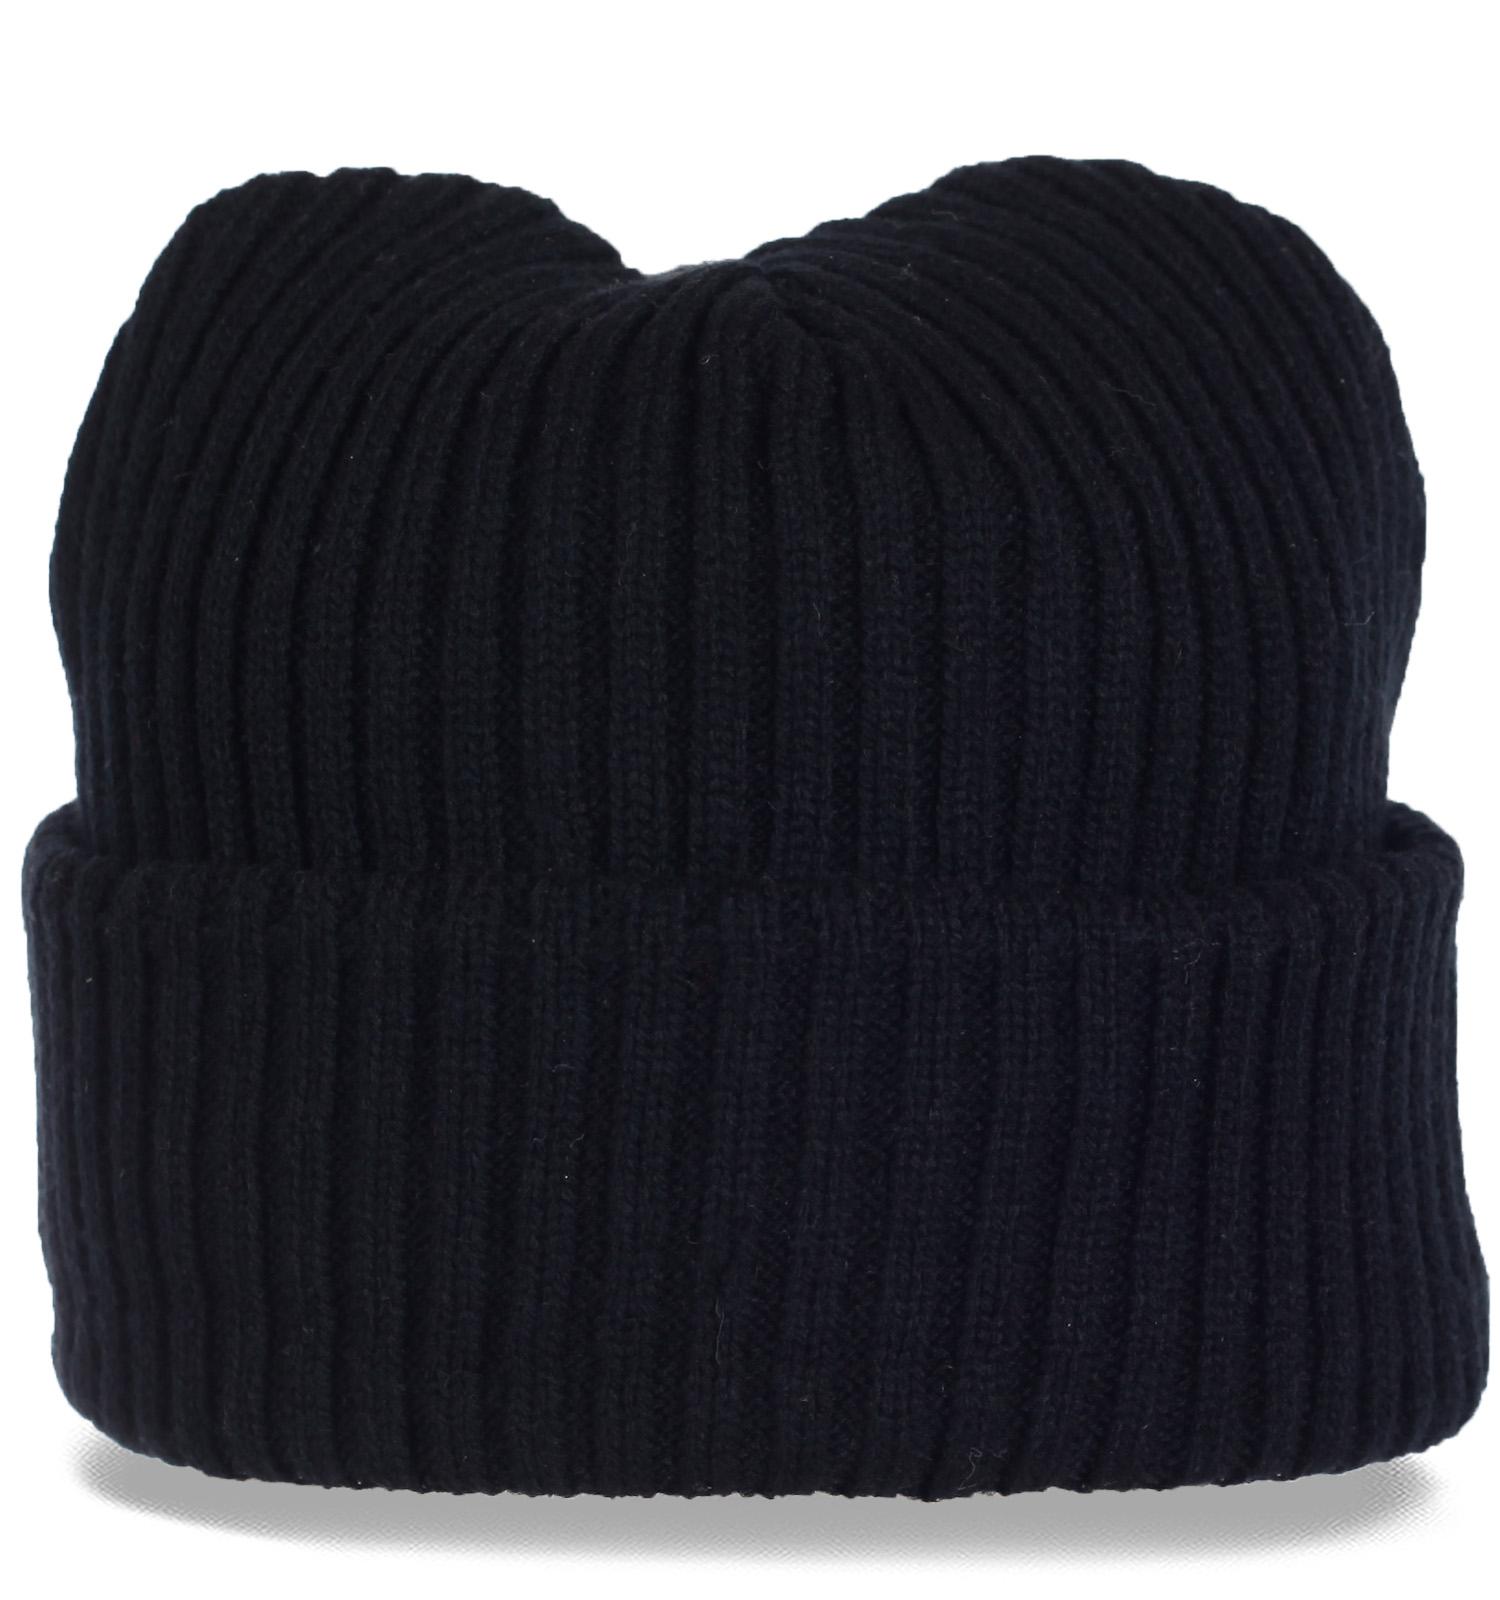 Удобный фасон трикотажной шапки с отворотом удачное решение холодным зимним днем. Бери не раздумывай! Таких шапок осталось мало!